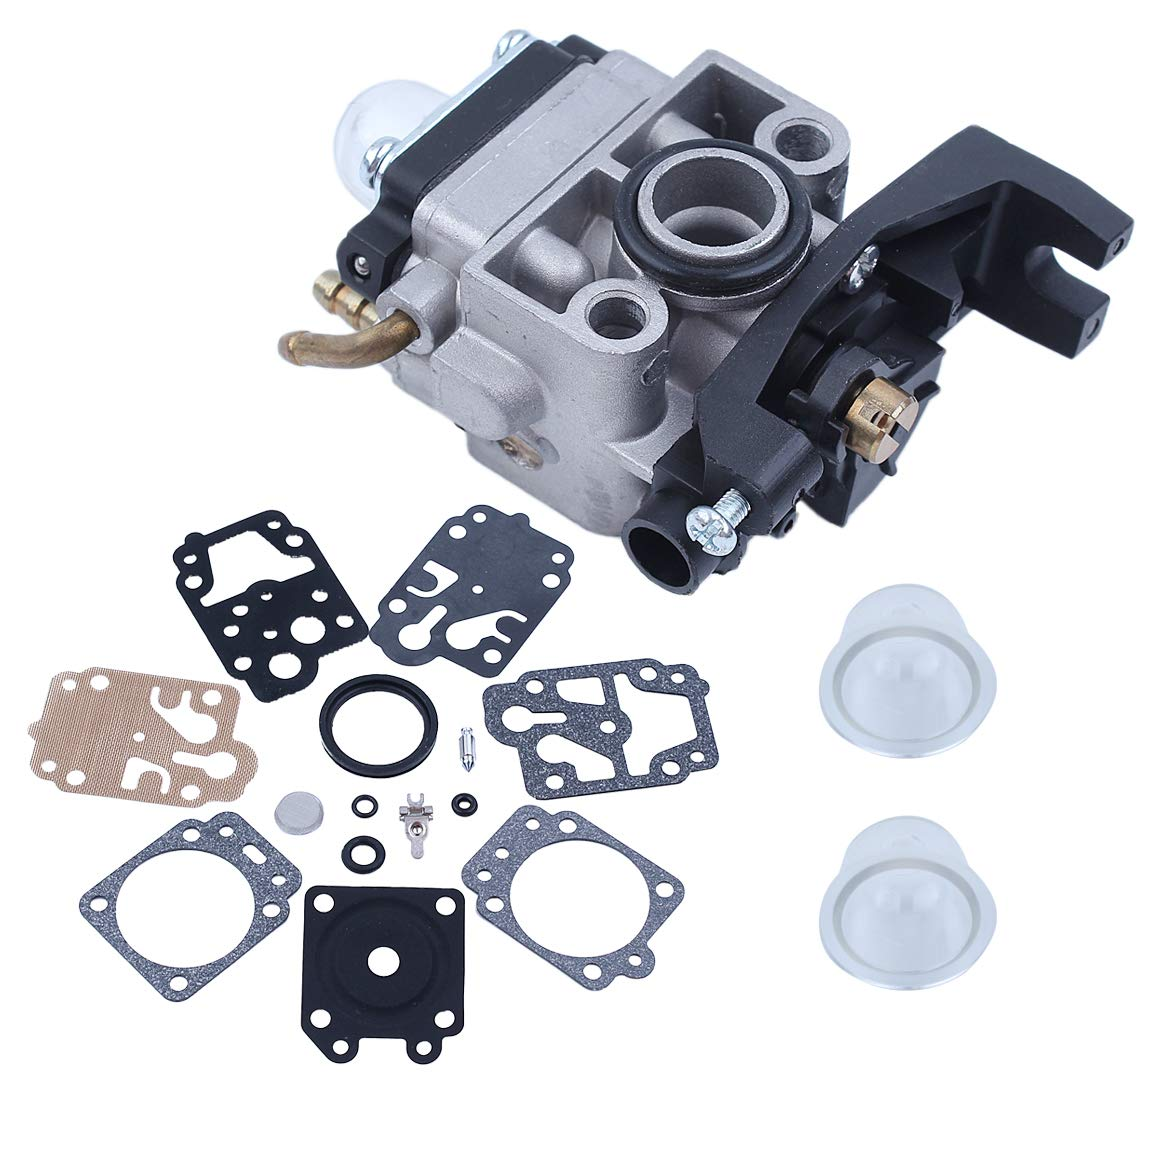 Haishine Kit de reconstruction du diaphragme de lamorce de carburateur Carb pour Honda GX35 HHB25 HHT35 HHH25 HHT35S Coupe-buisson /à 4 temps